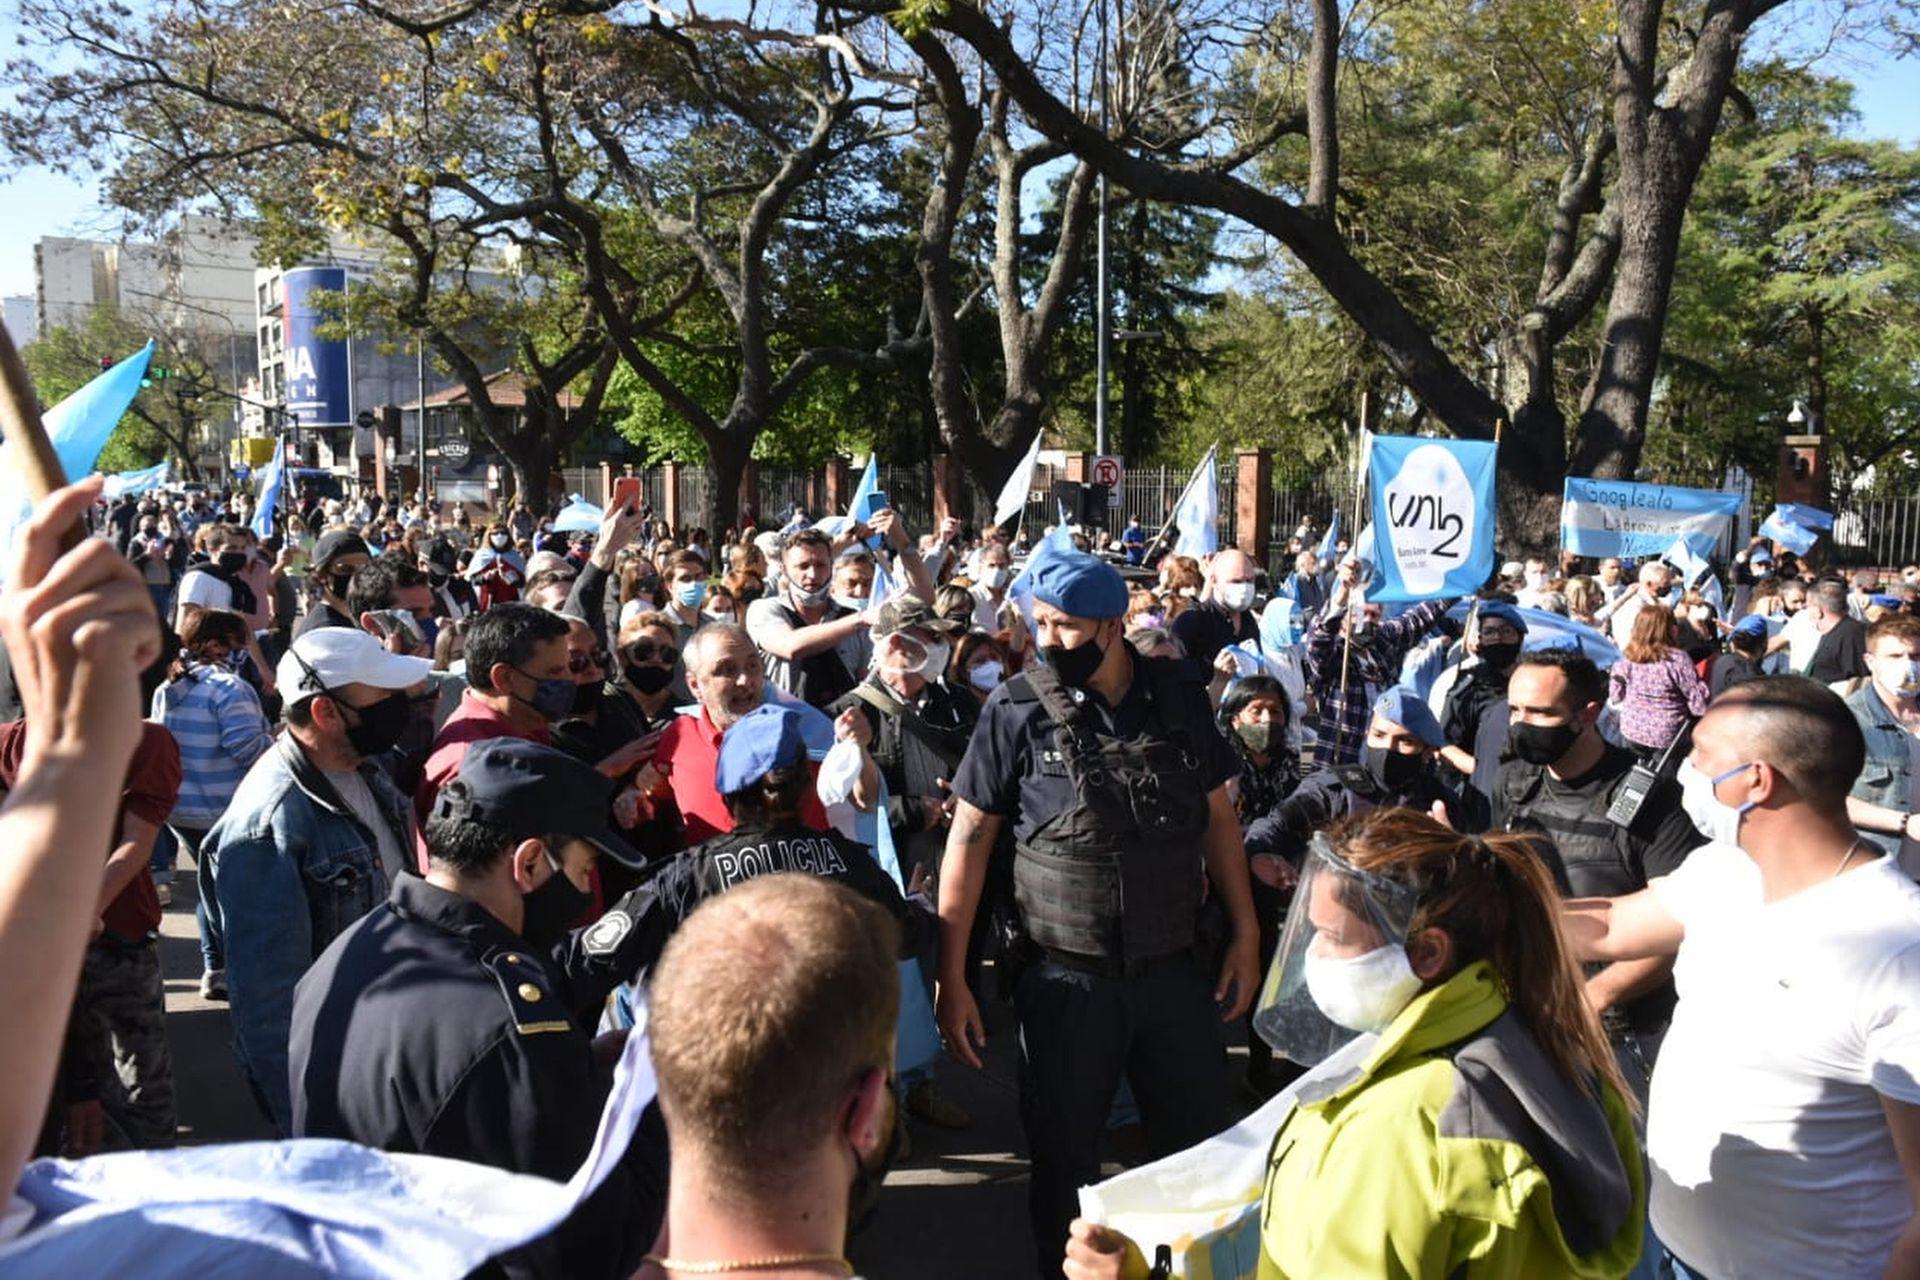 Frente a la quinta presidencial de Olivos hubo una marcha a favor del gobierno y otra en contra; la policía armó un cordón para prevenir incidentes